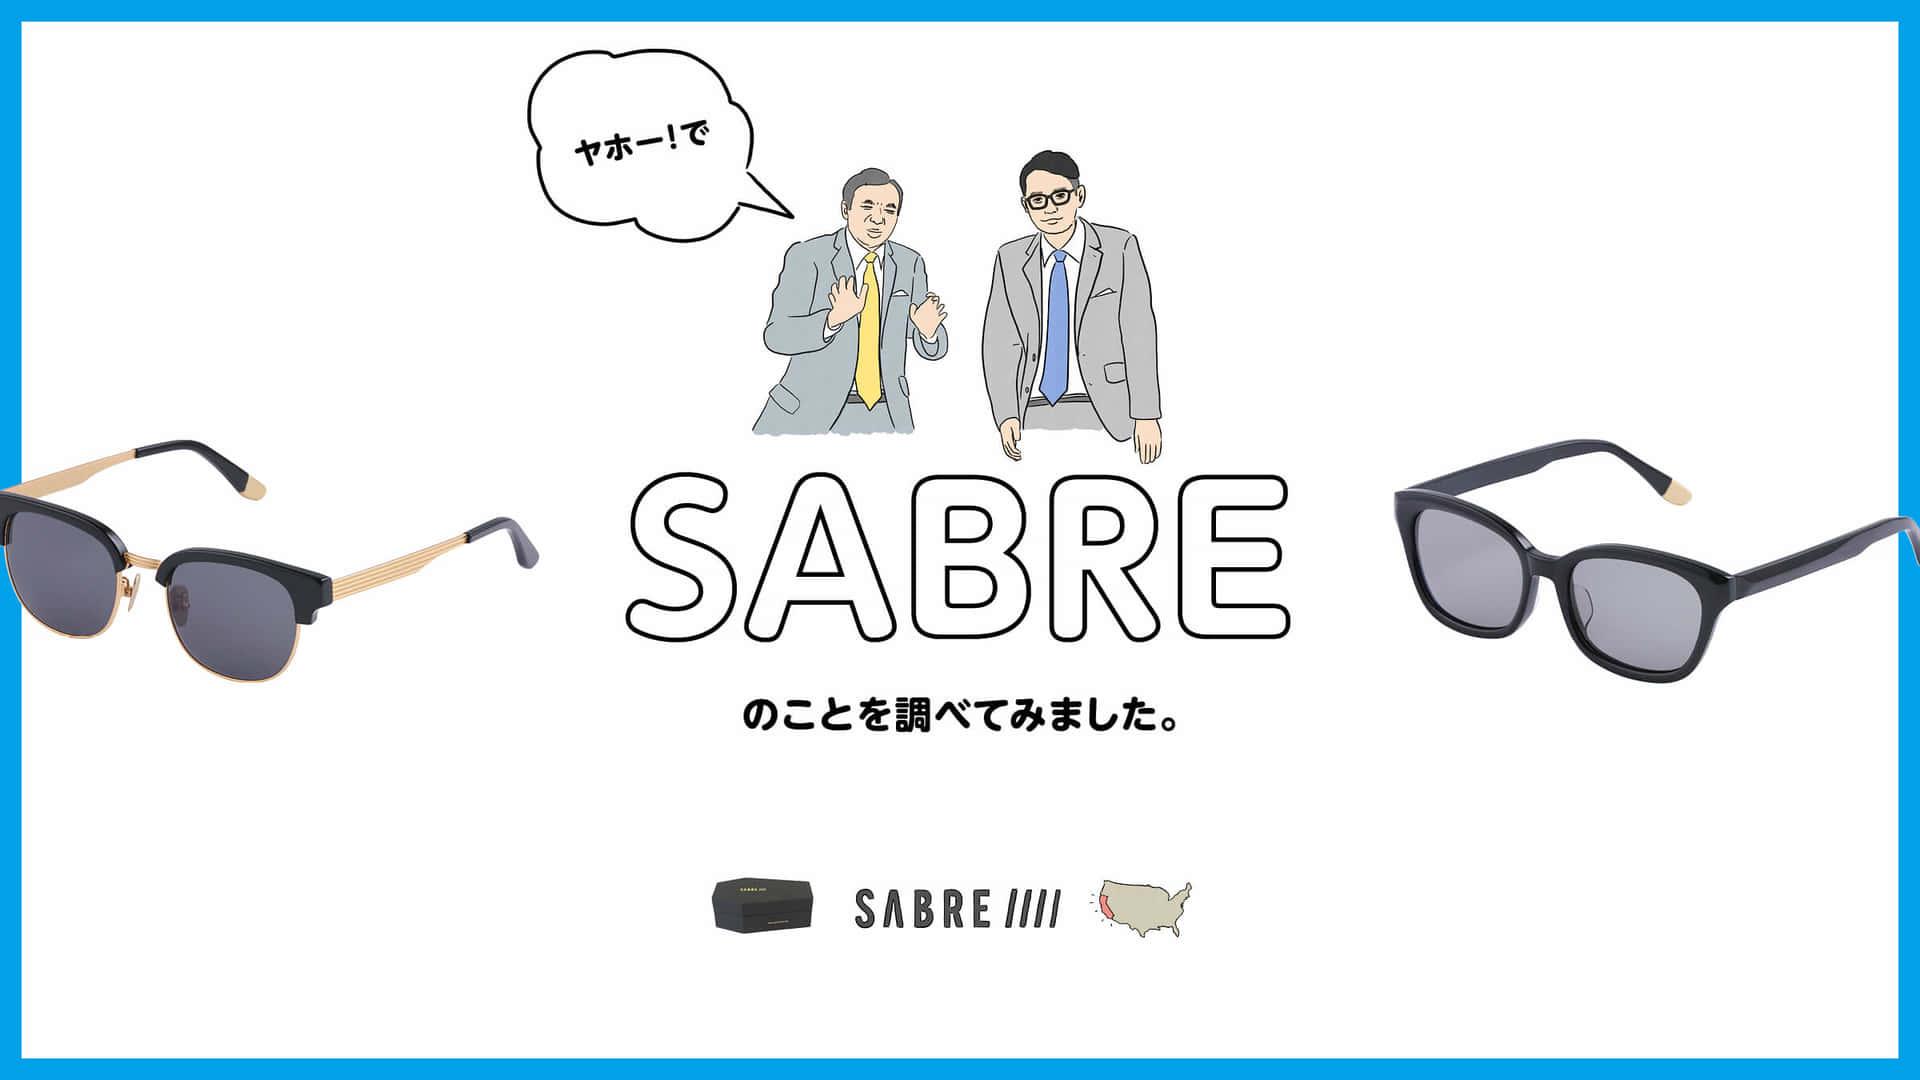 ヤホー!でSABREのことを調べてみました。